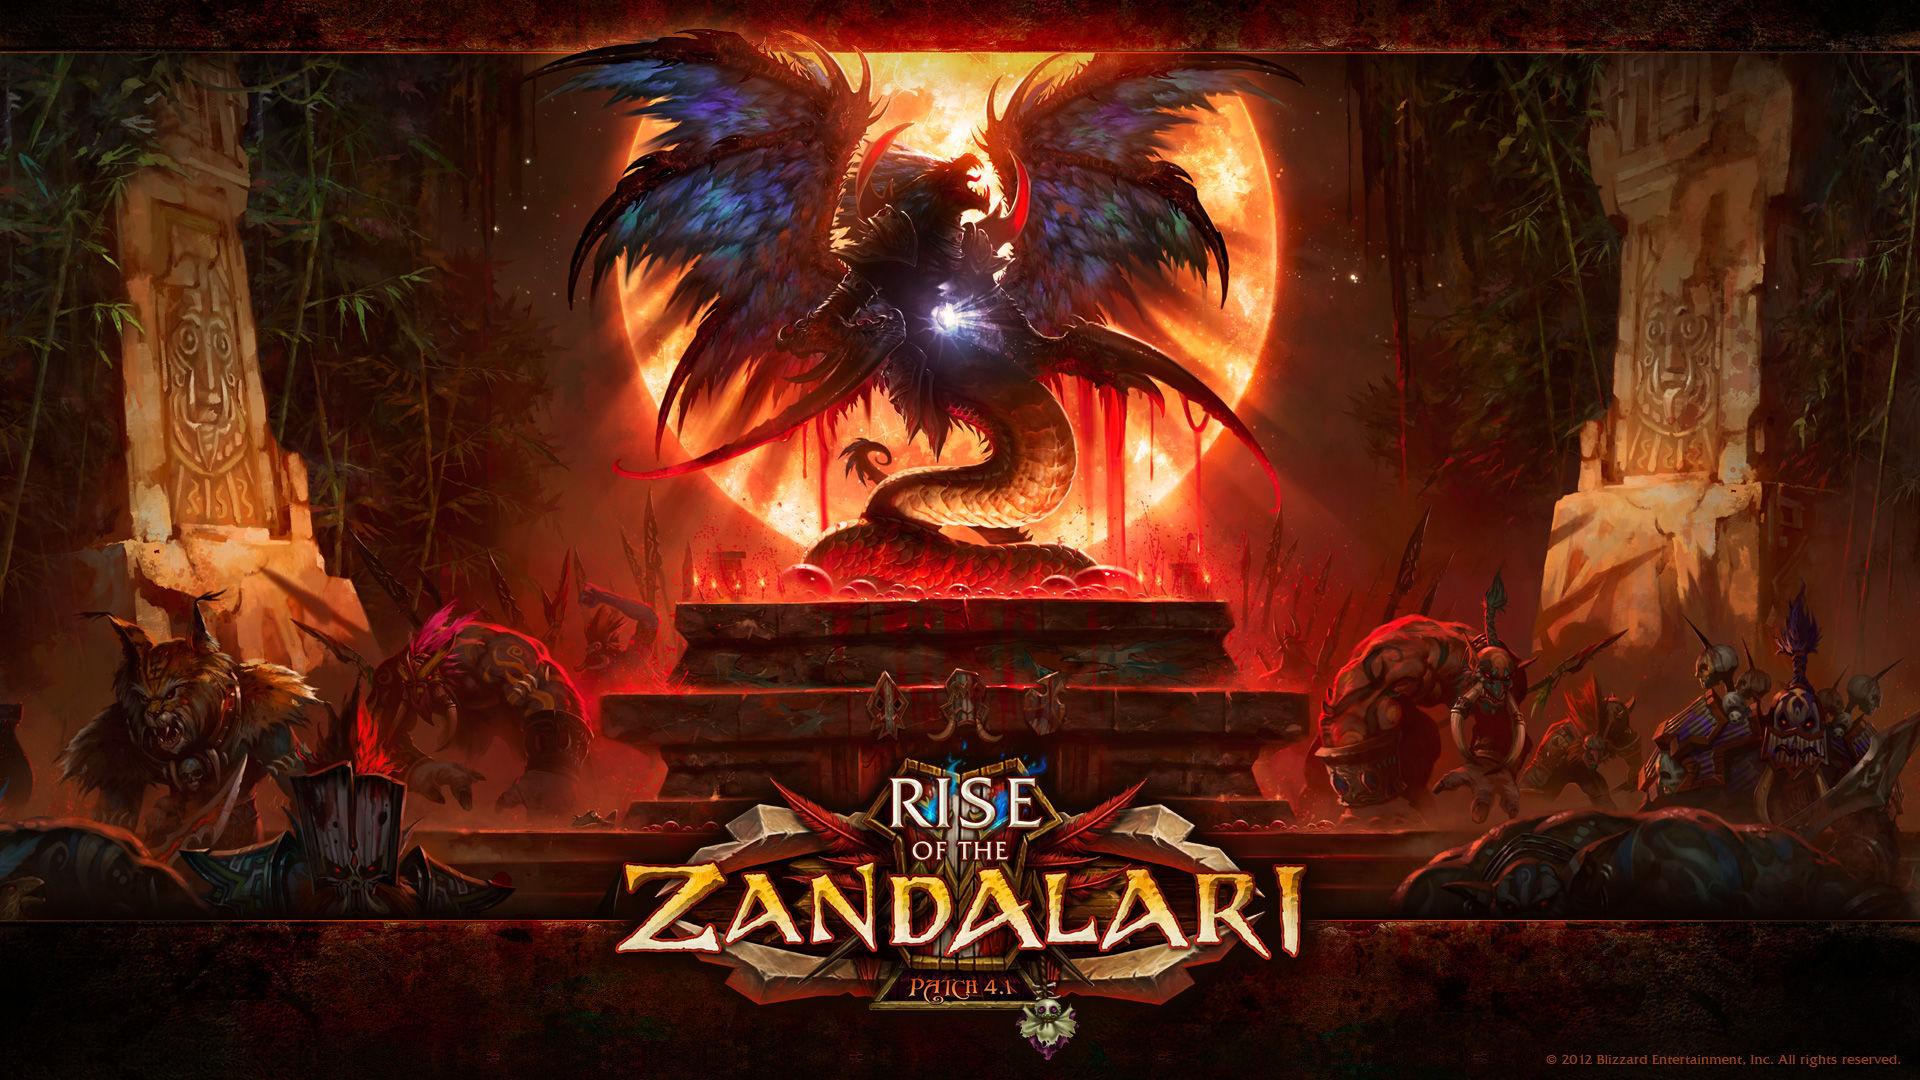 De repente los Zandalari se alzan y atacan a la Horda y a la Alianza. ¿Qué dos zonas deberán asediar los campeones?